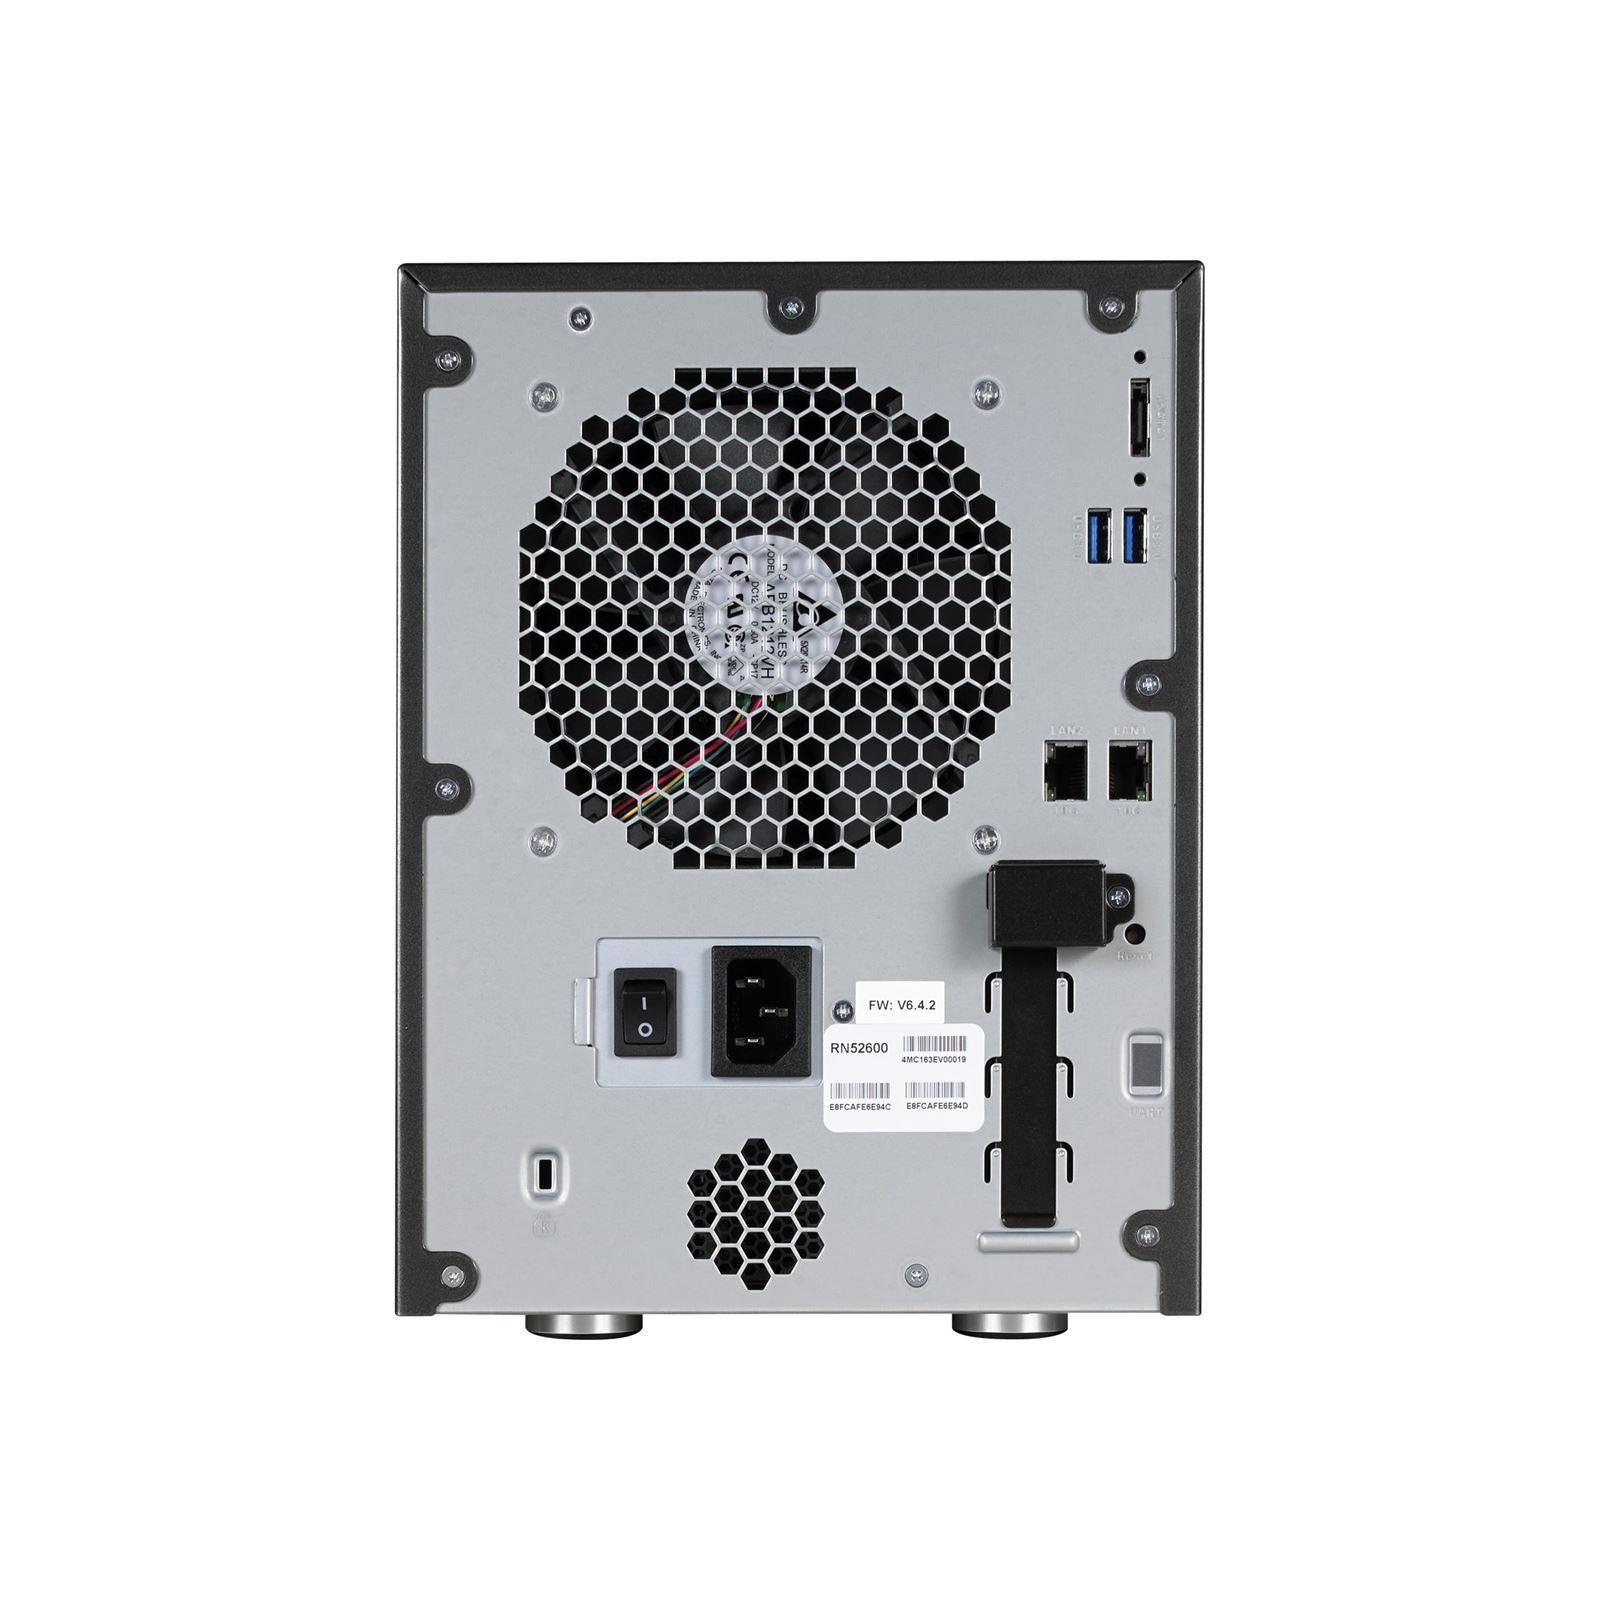 Netgear ReadyNAS RN626X00 (6 Bay) Network Attached Storage Enclosure